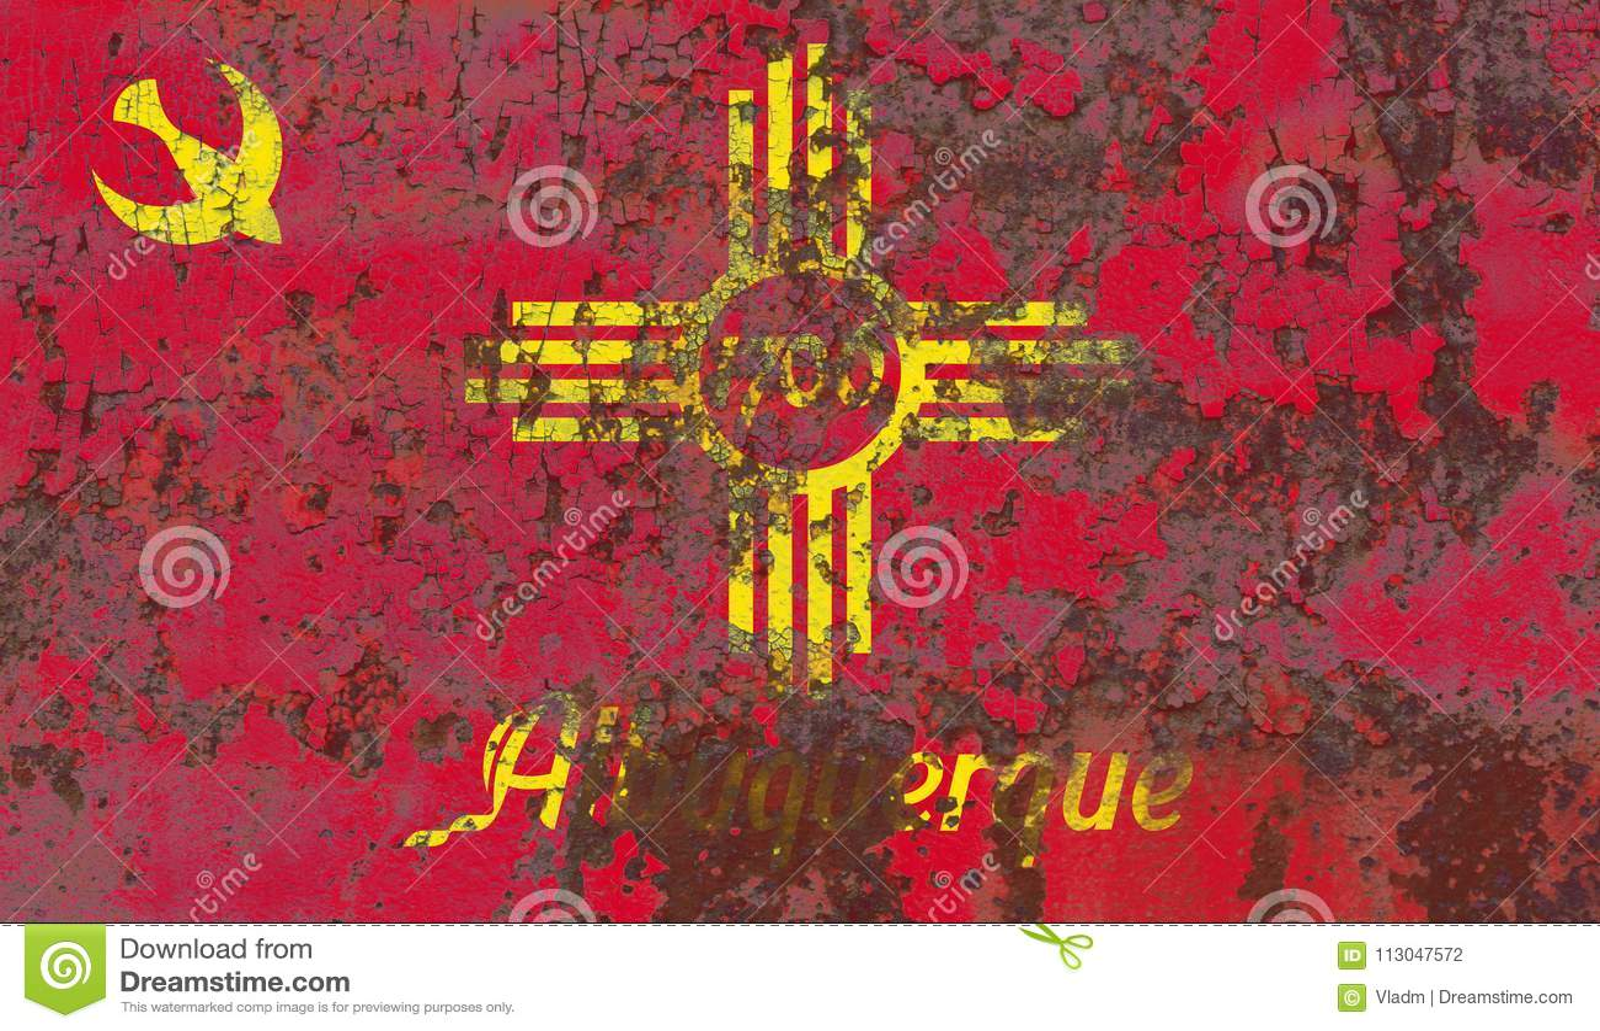 Σημαία καπνού πόλεων του Αλμπικέρκη, κράτος Νέων Μεξικό, Πολιτεία